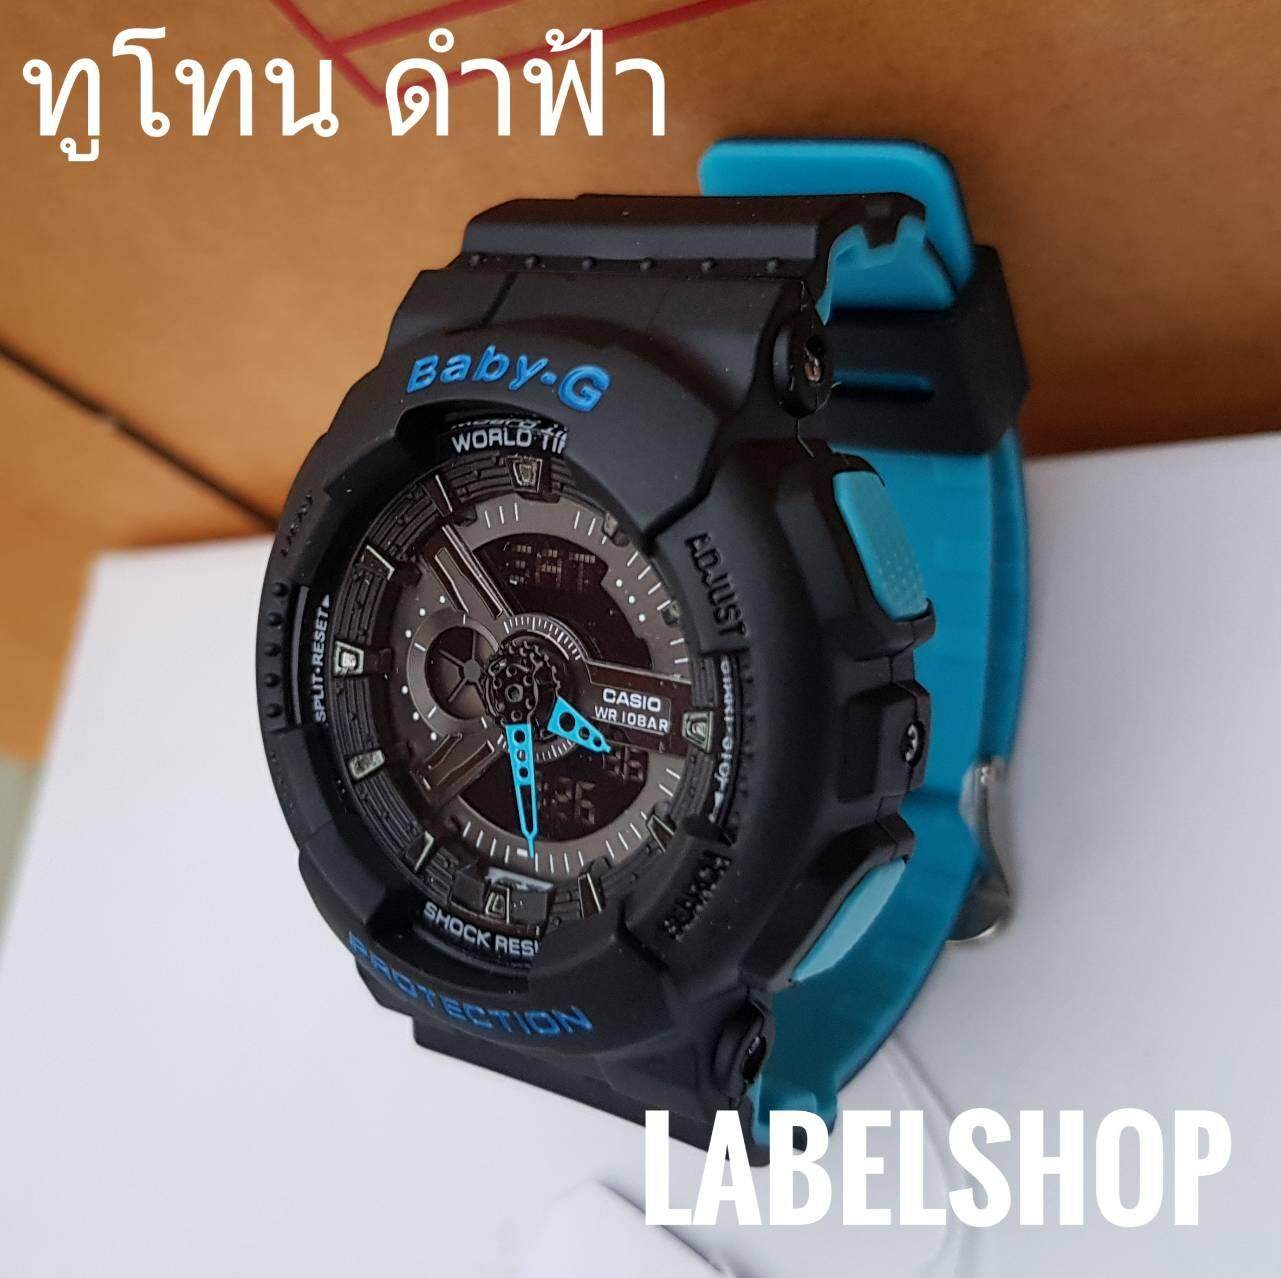 นาฬิกาแฟชั่น Baby-G By G-Factory